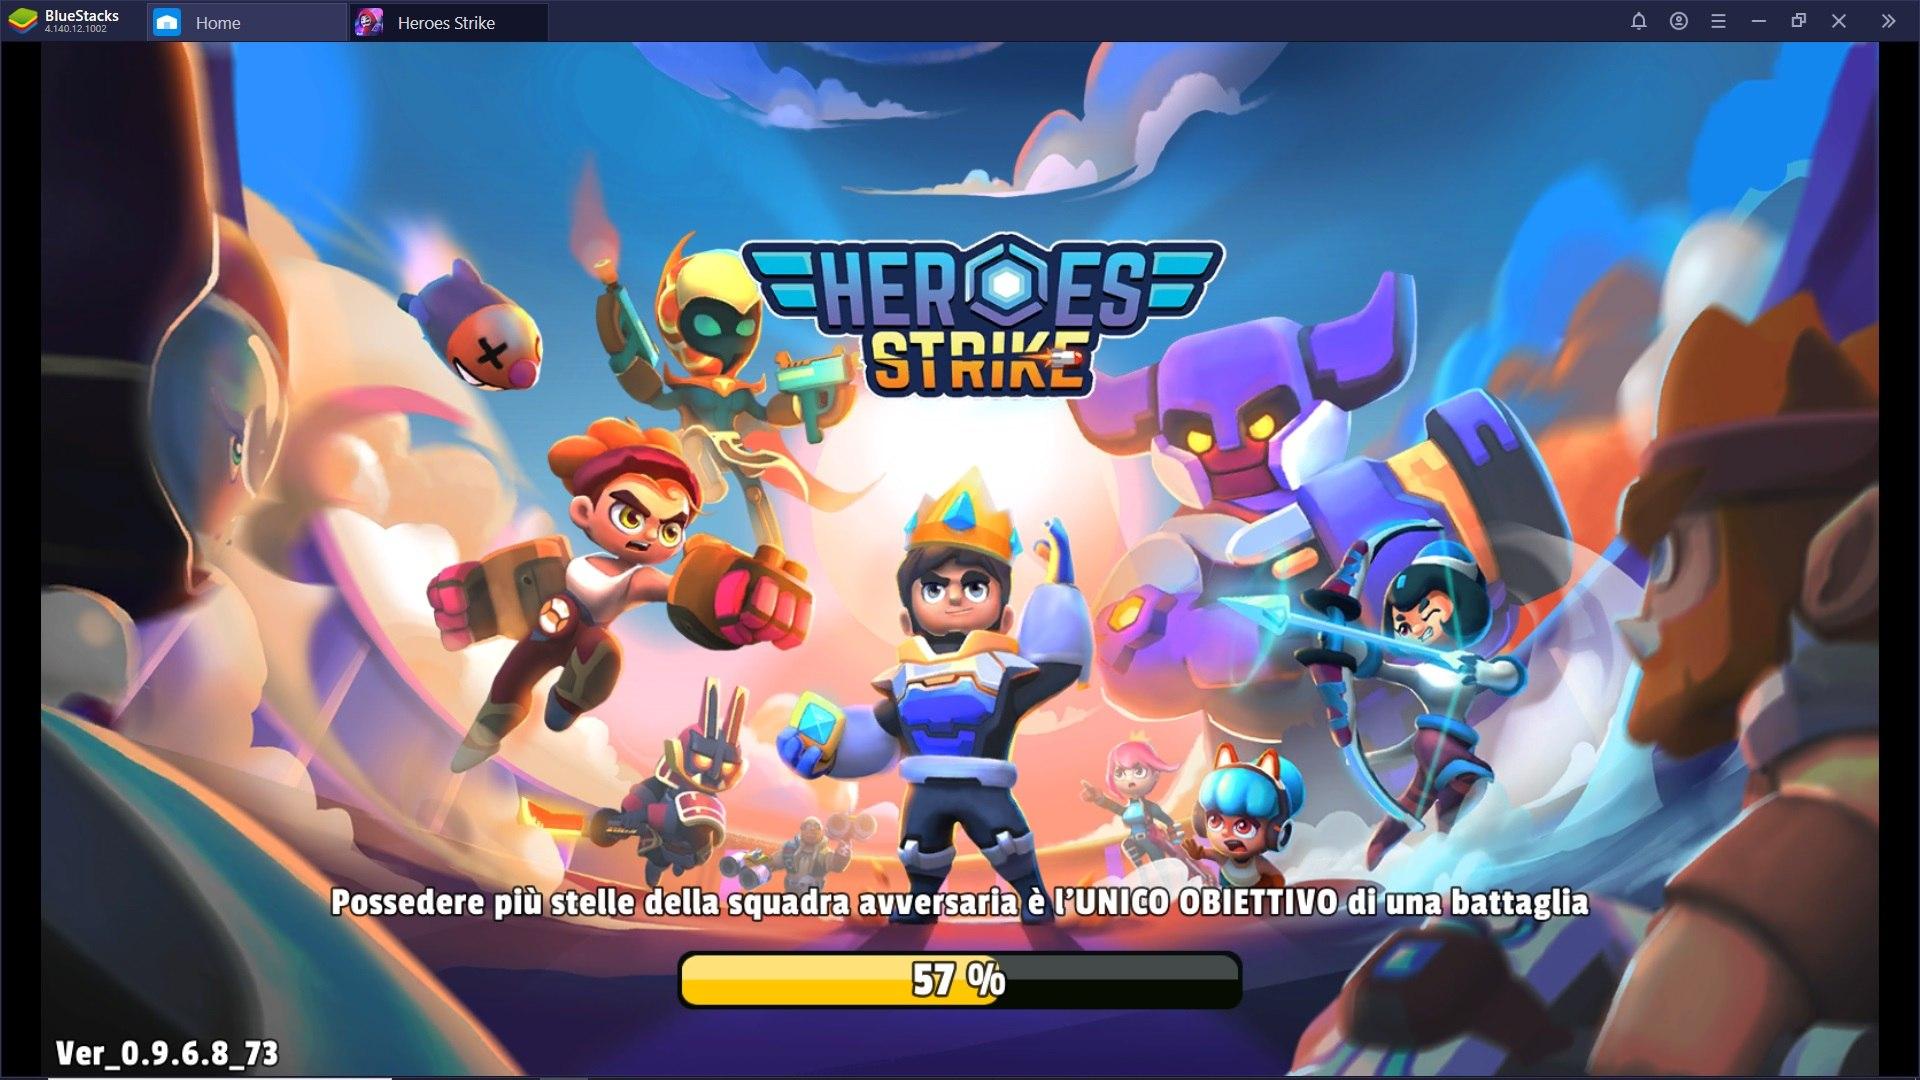 Heroes Strike è un degno rivale di Brawl Stars?